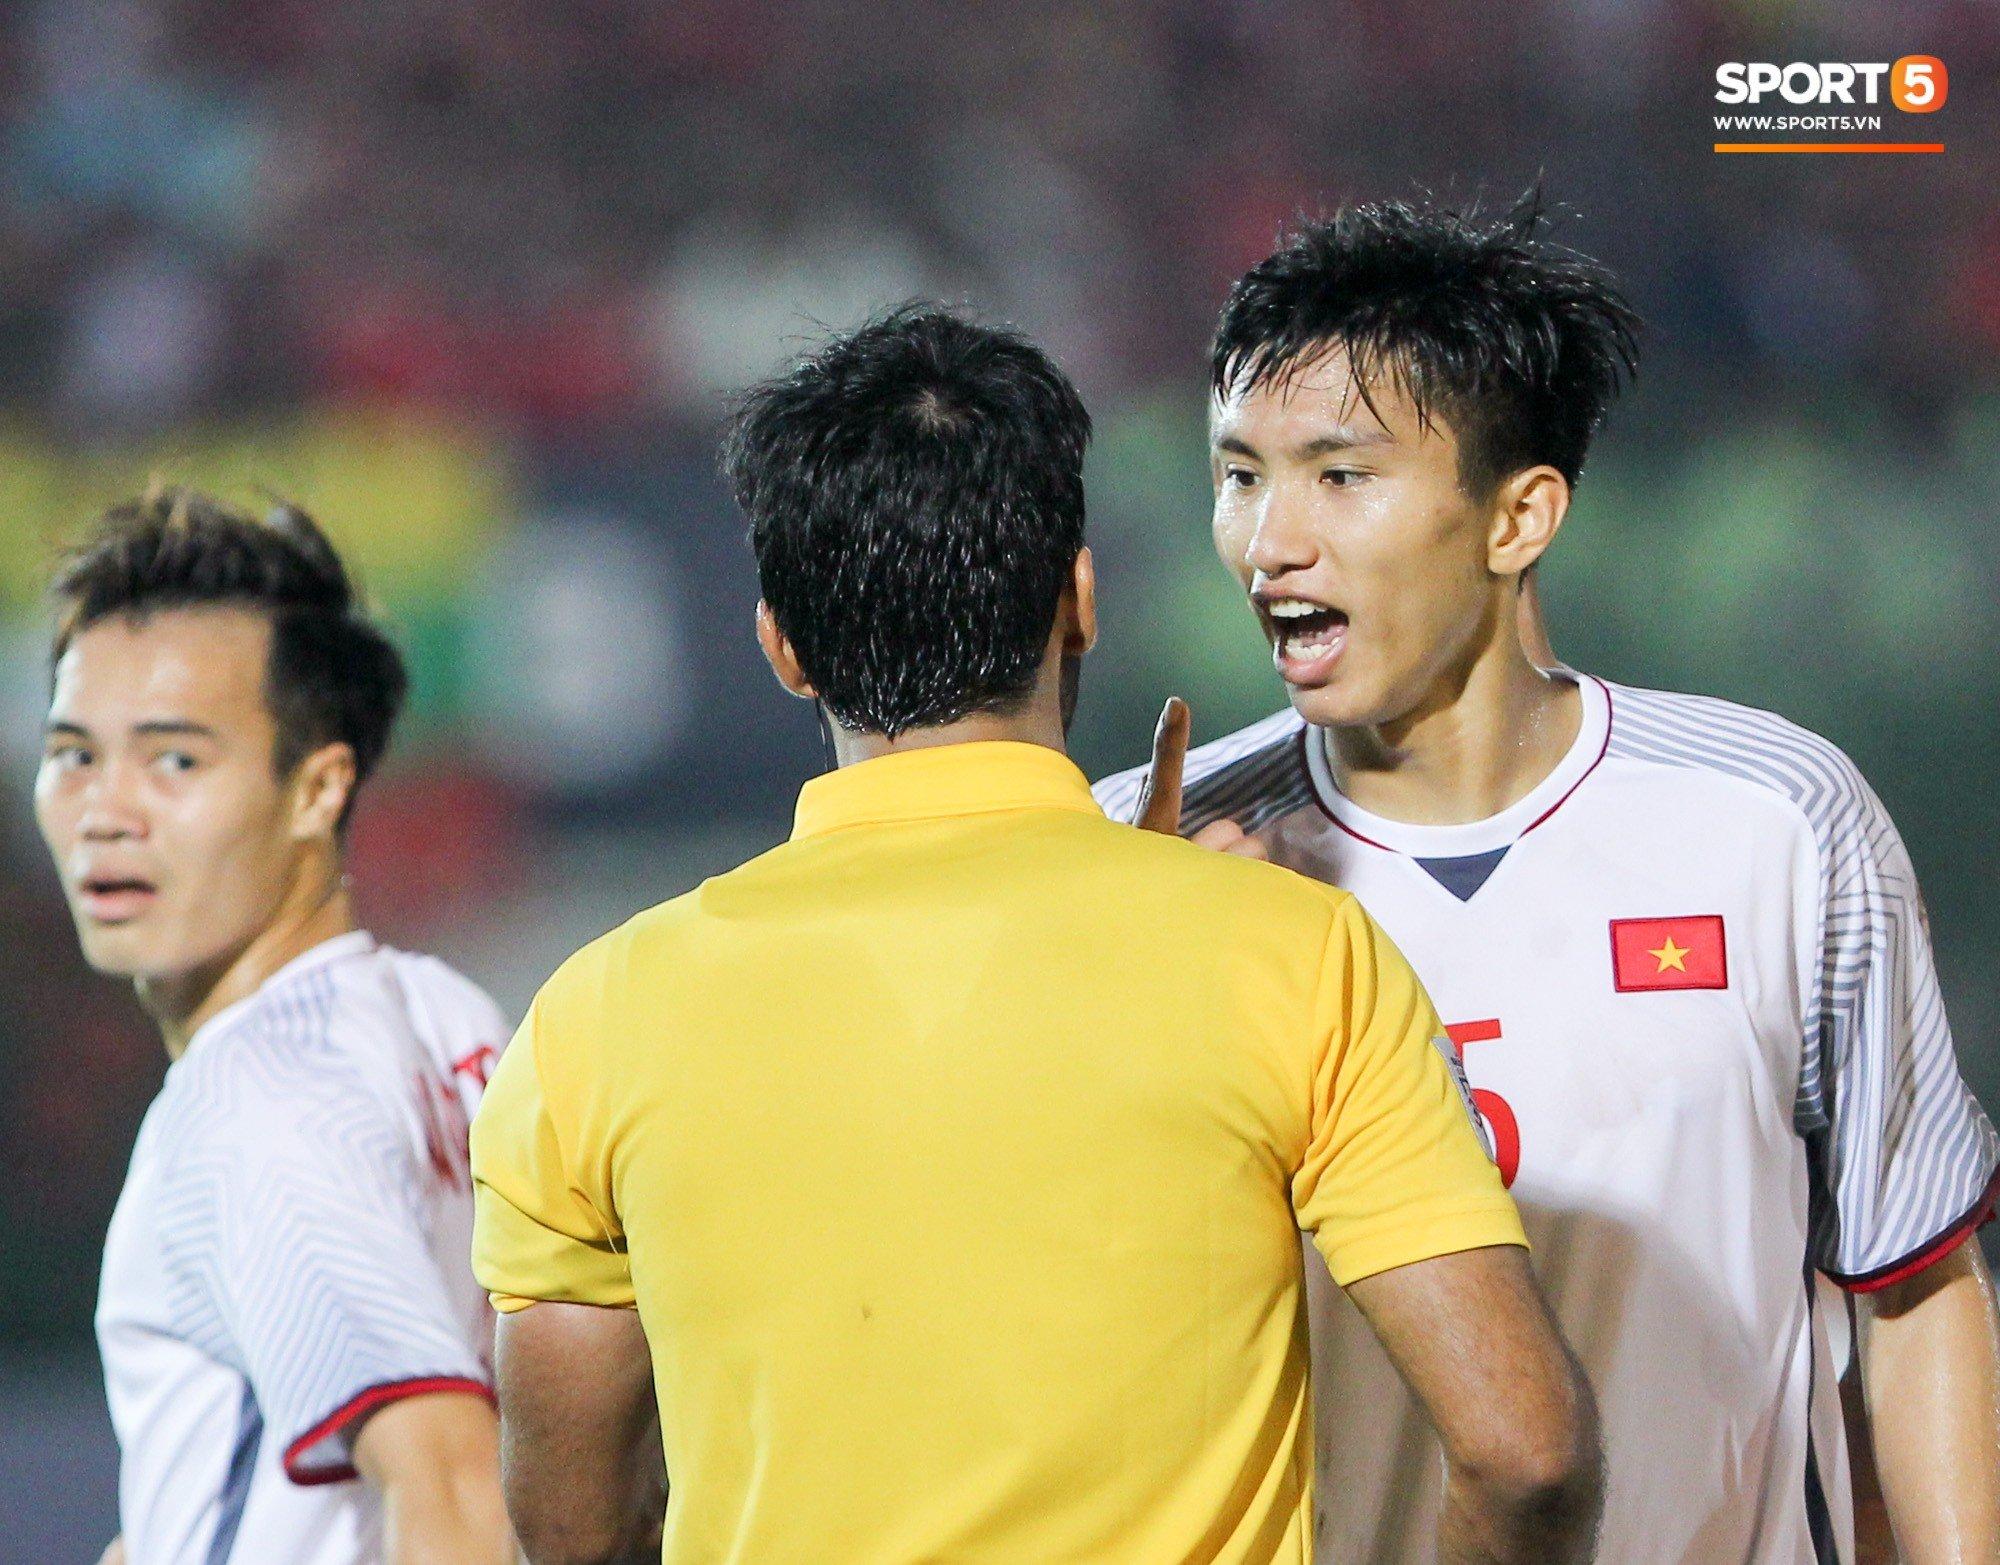 Đoàn Văn Hậu bất mãn, chỉ thẳng mặt trọng tài chính trận Myanmar vs Việt Nam 1